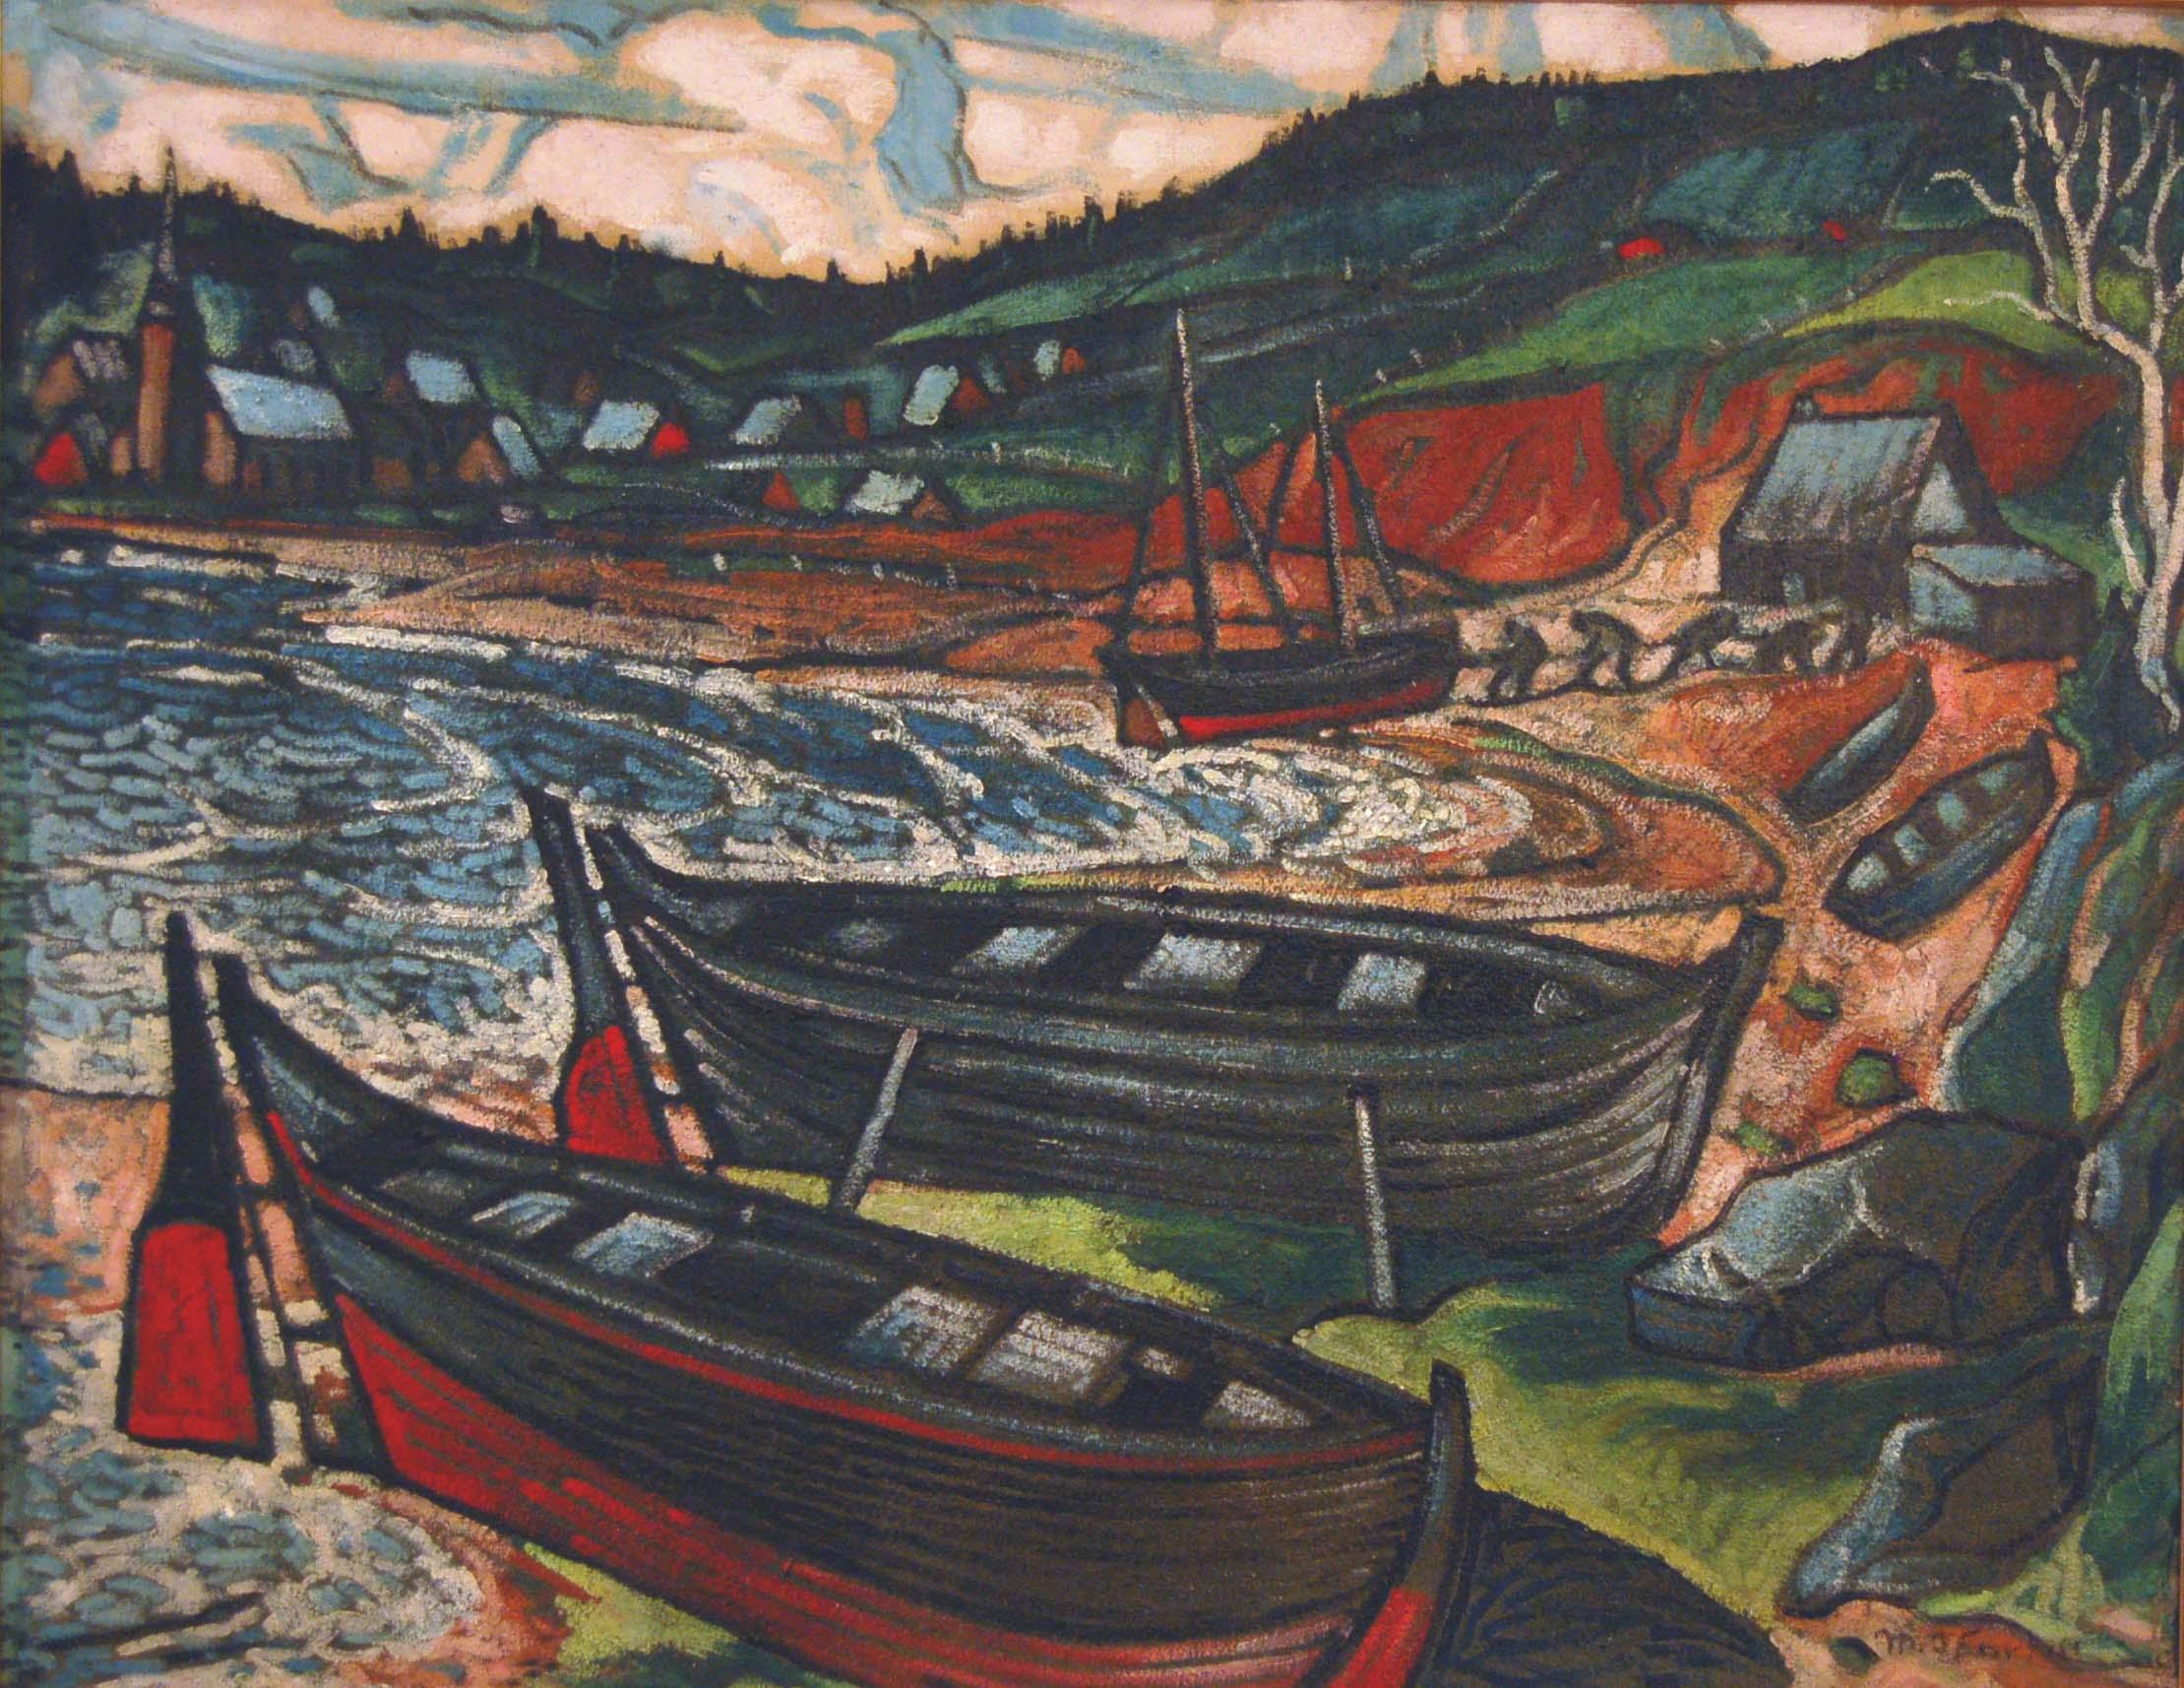 Gaspésie (c. 1943) - Marc-Aurèle Fortin